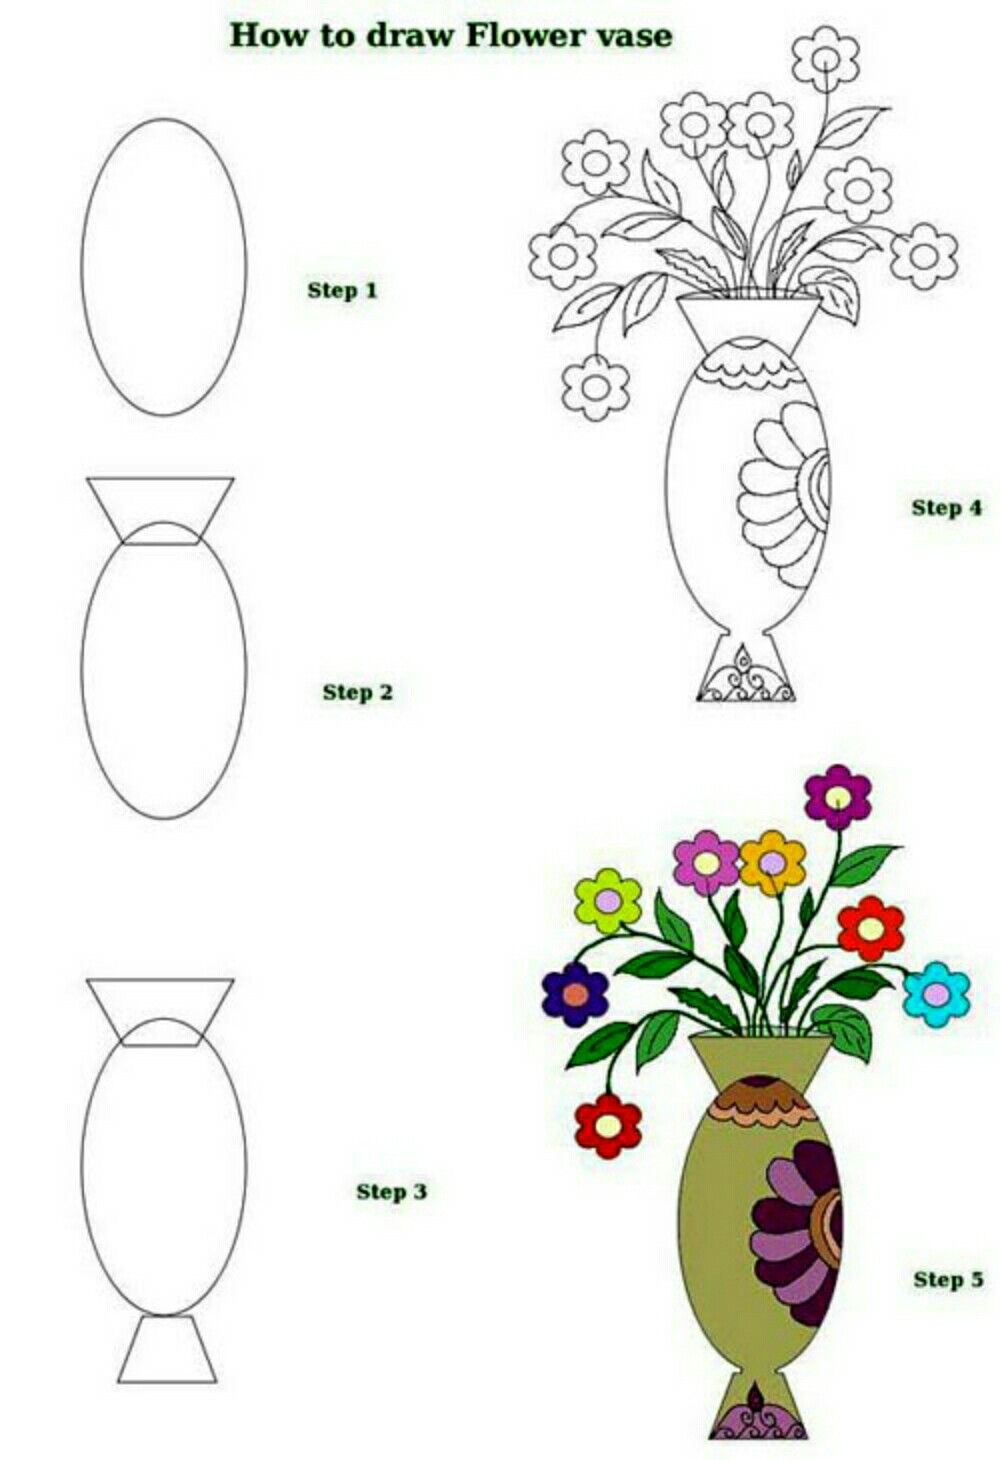 Pin By Allan Santana On Doodles In 2020 Flower Drawing Flower Vase Drawing Simple Flower Drawing